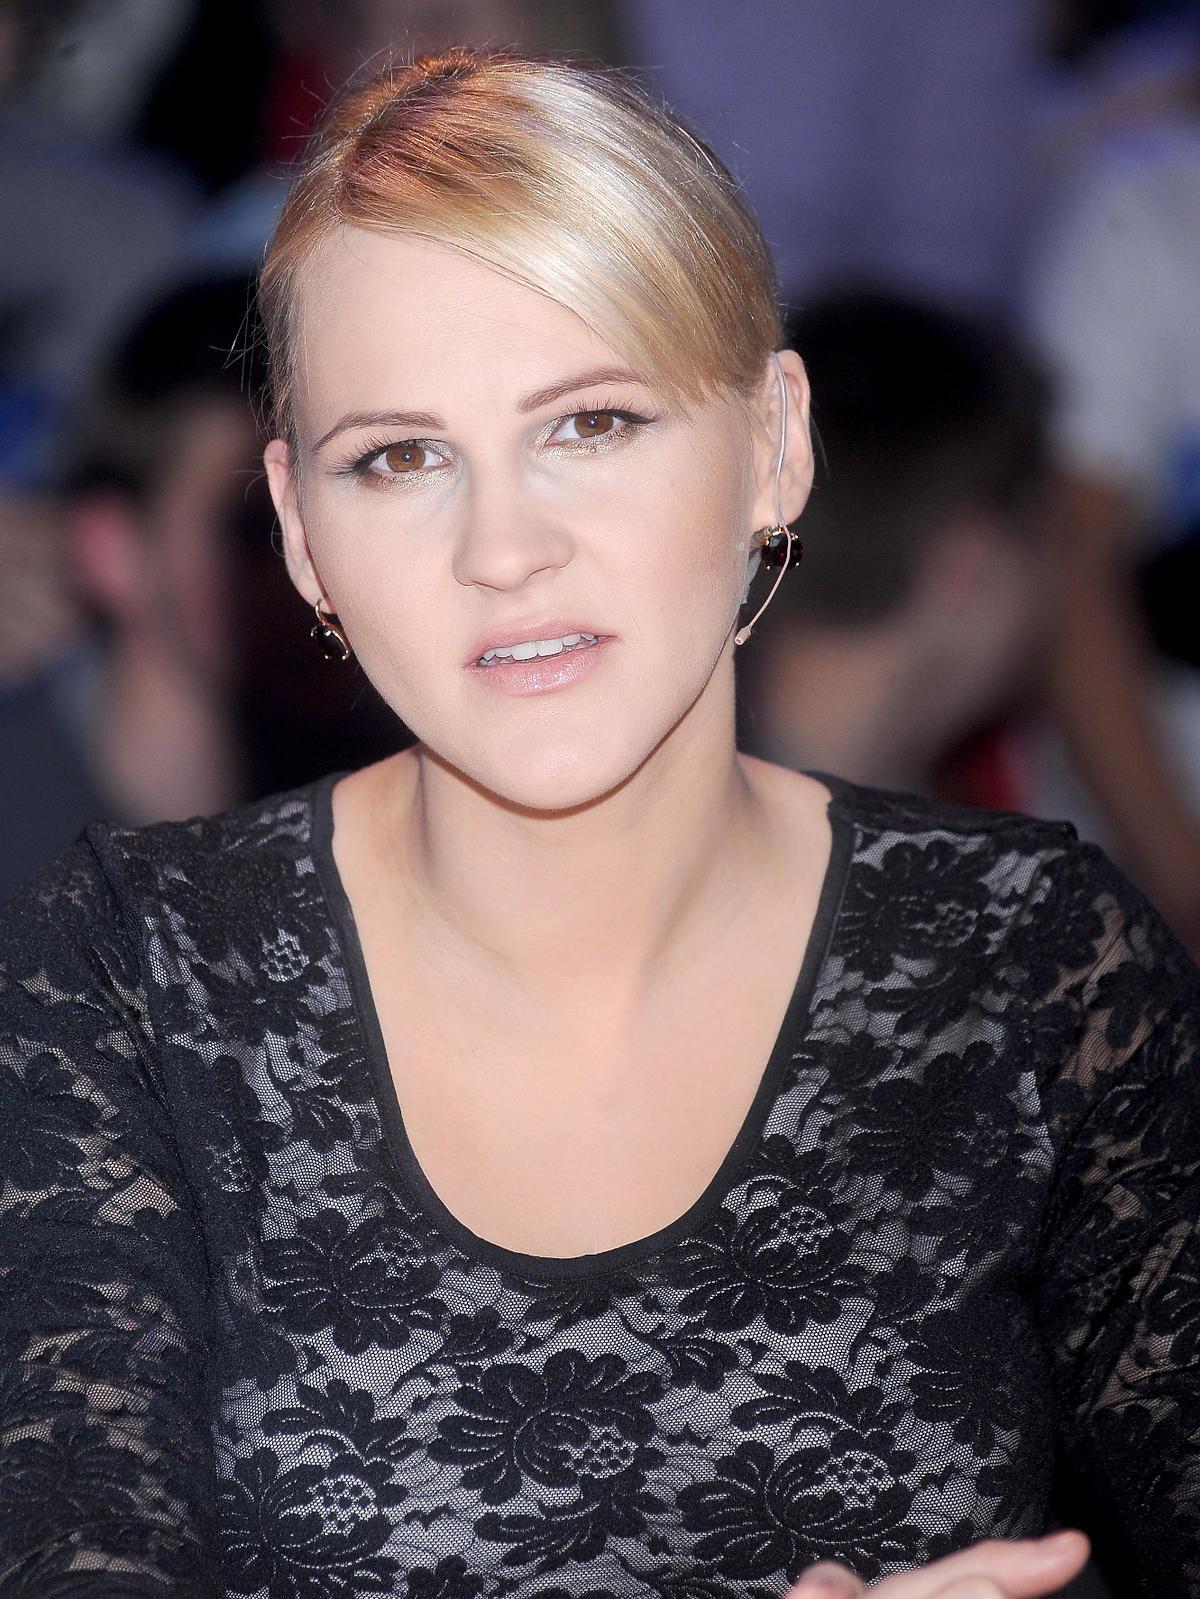 Agnieszka Chylińska, 2012